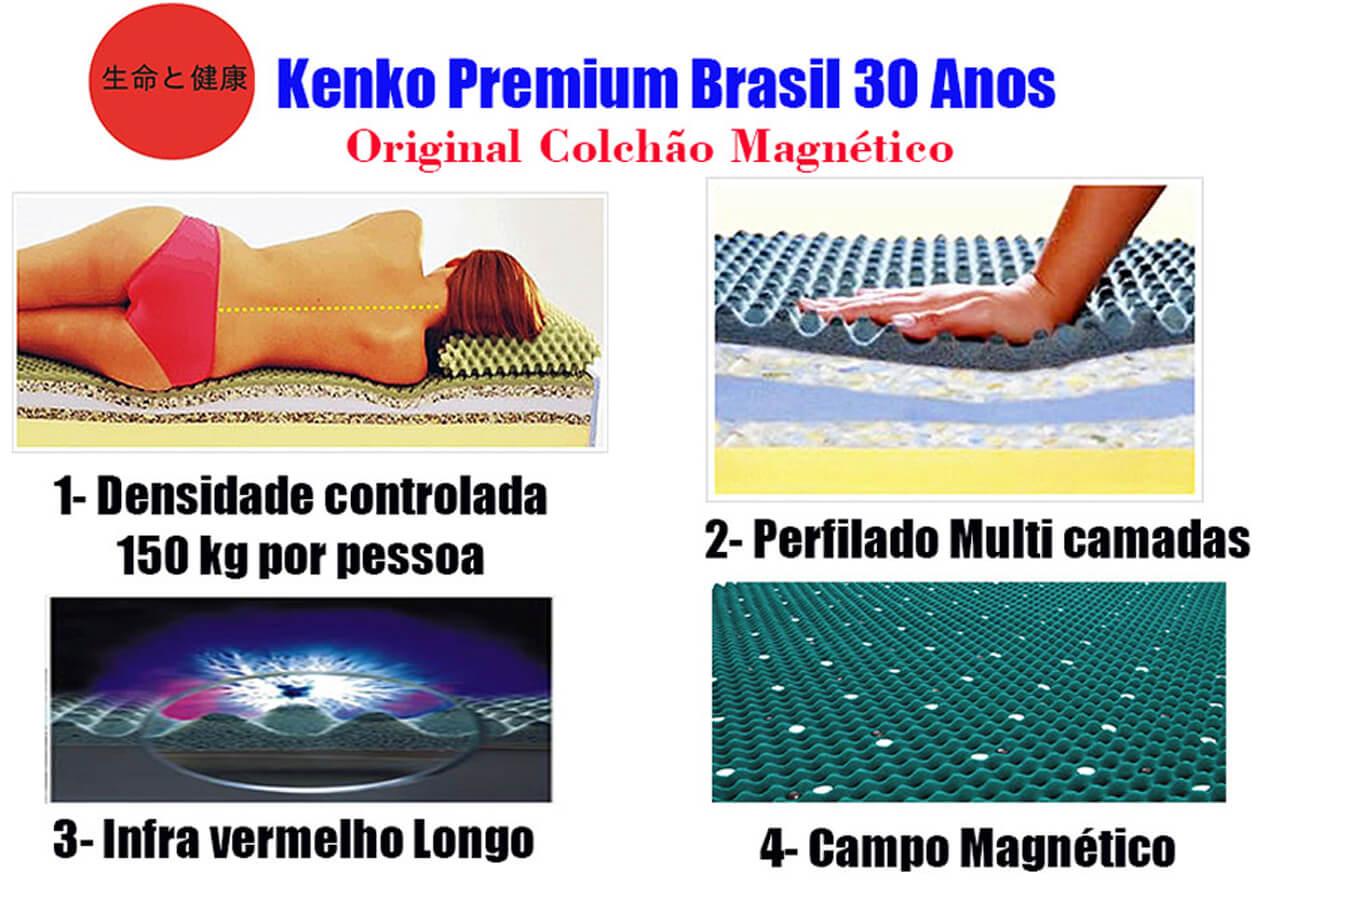 Colchão Magnético Kenko Premium, Modelo Plus Com Pilow Top  - Kenko Premium Colchões